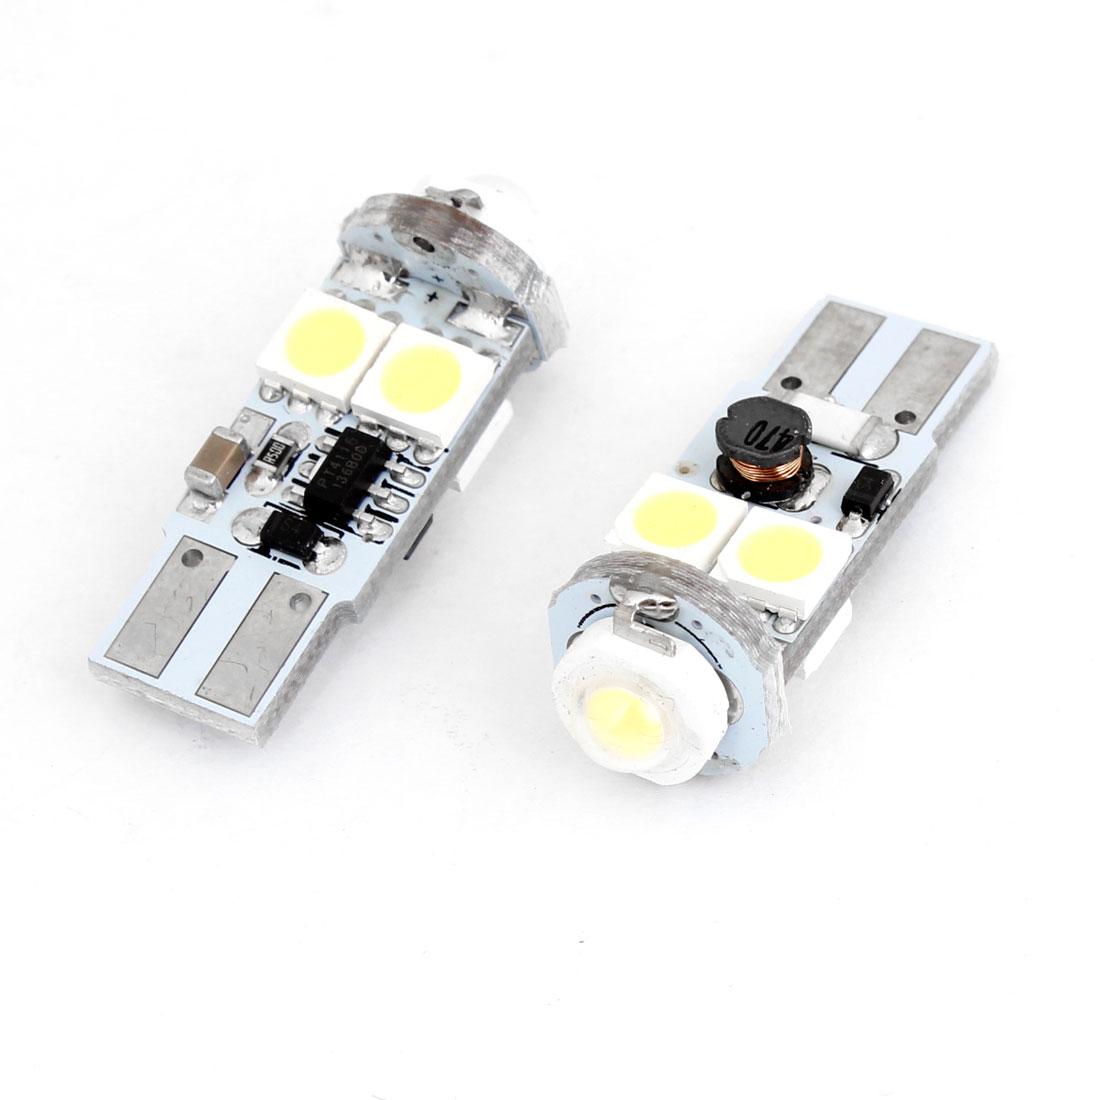 Pair White T10 White 4 SMD LED Backup Light Reverse Lamp Bulb 1W DC 12V